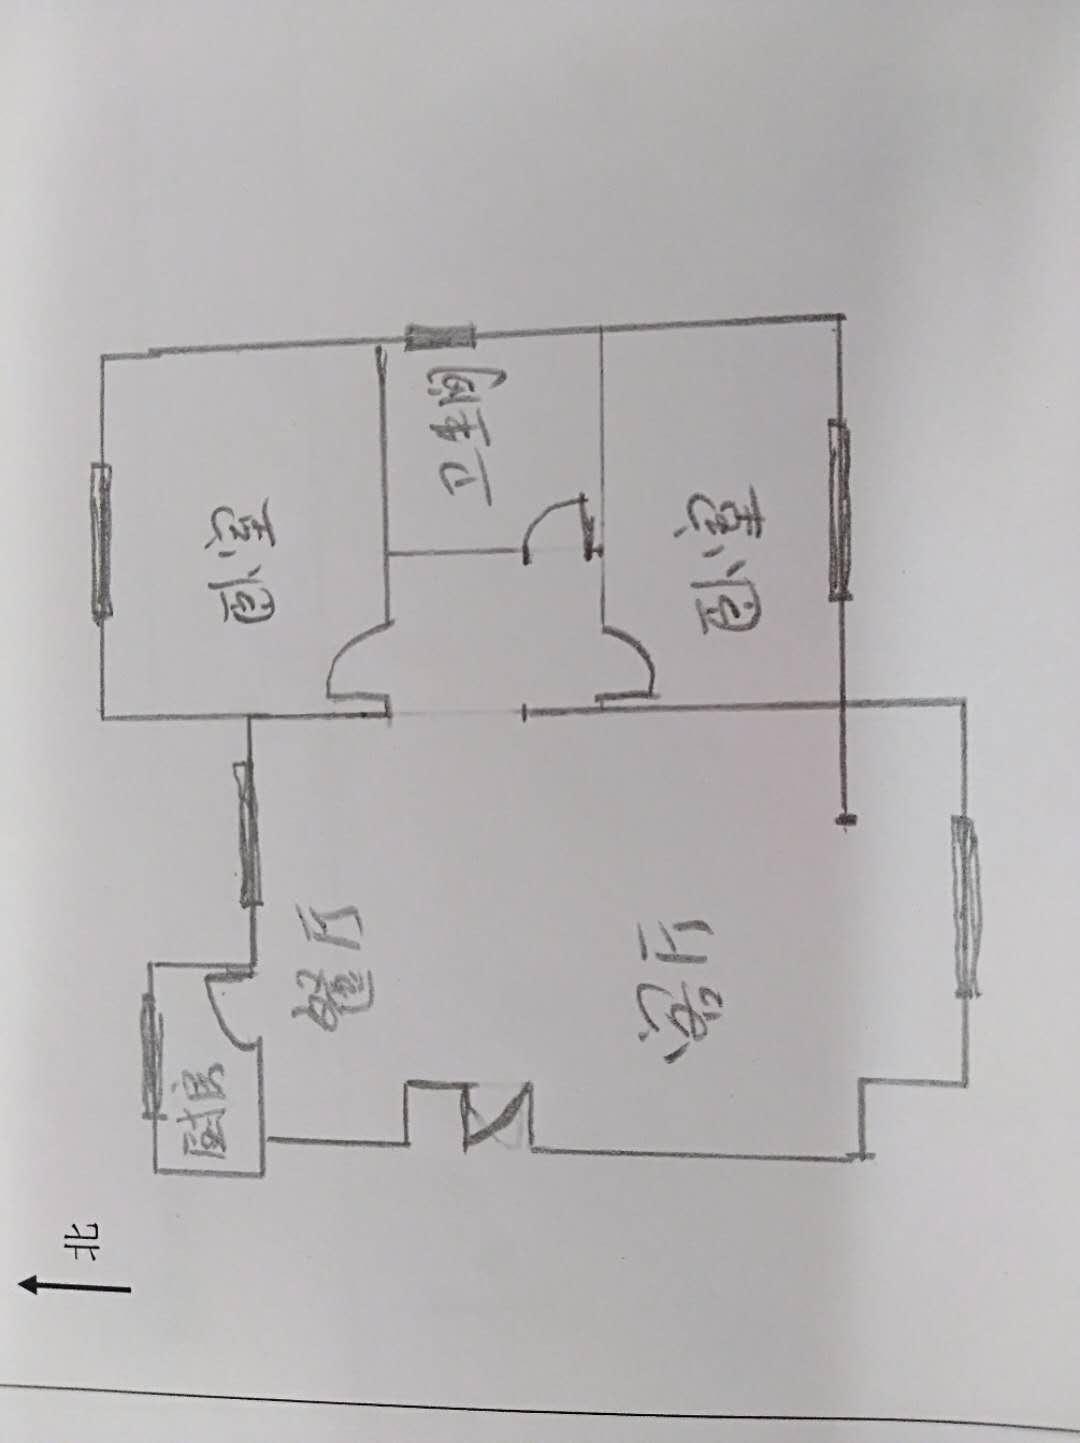 玫瑰公馆 2室1厅 13楼